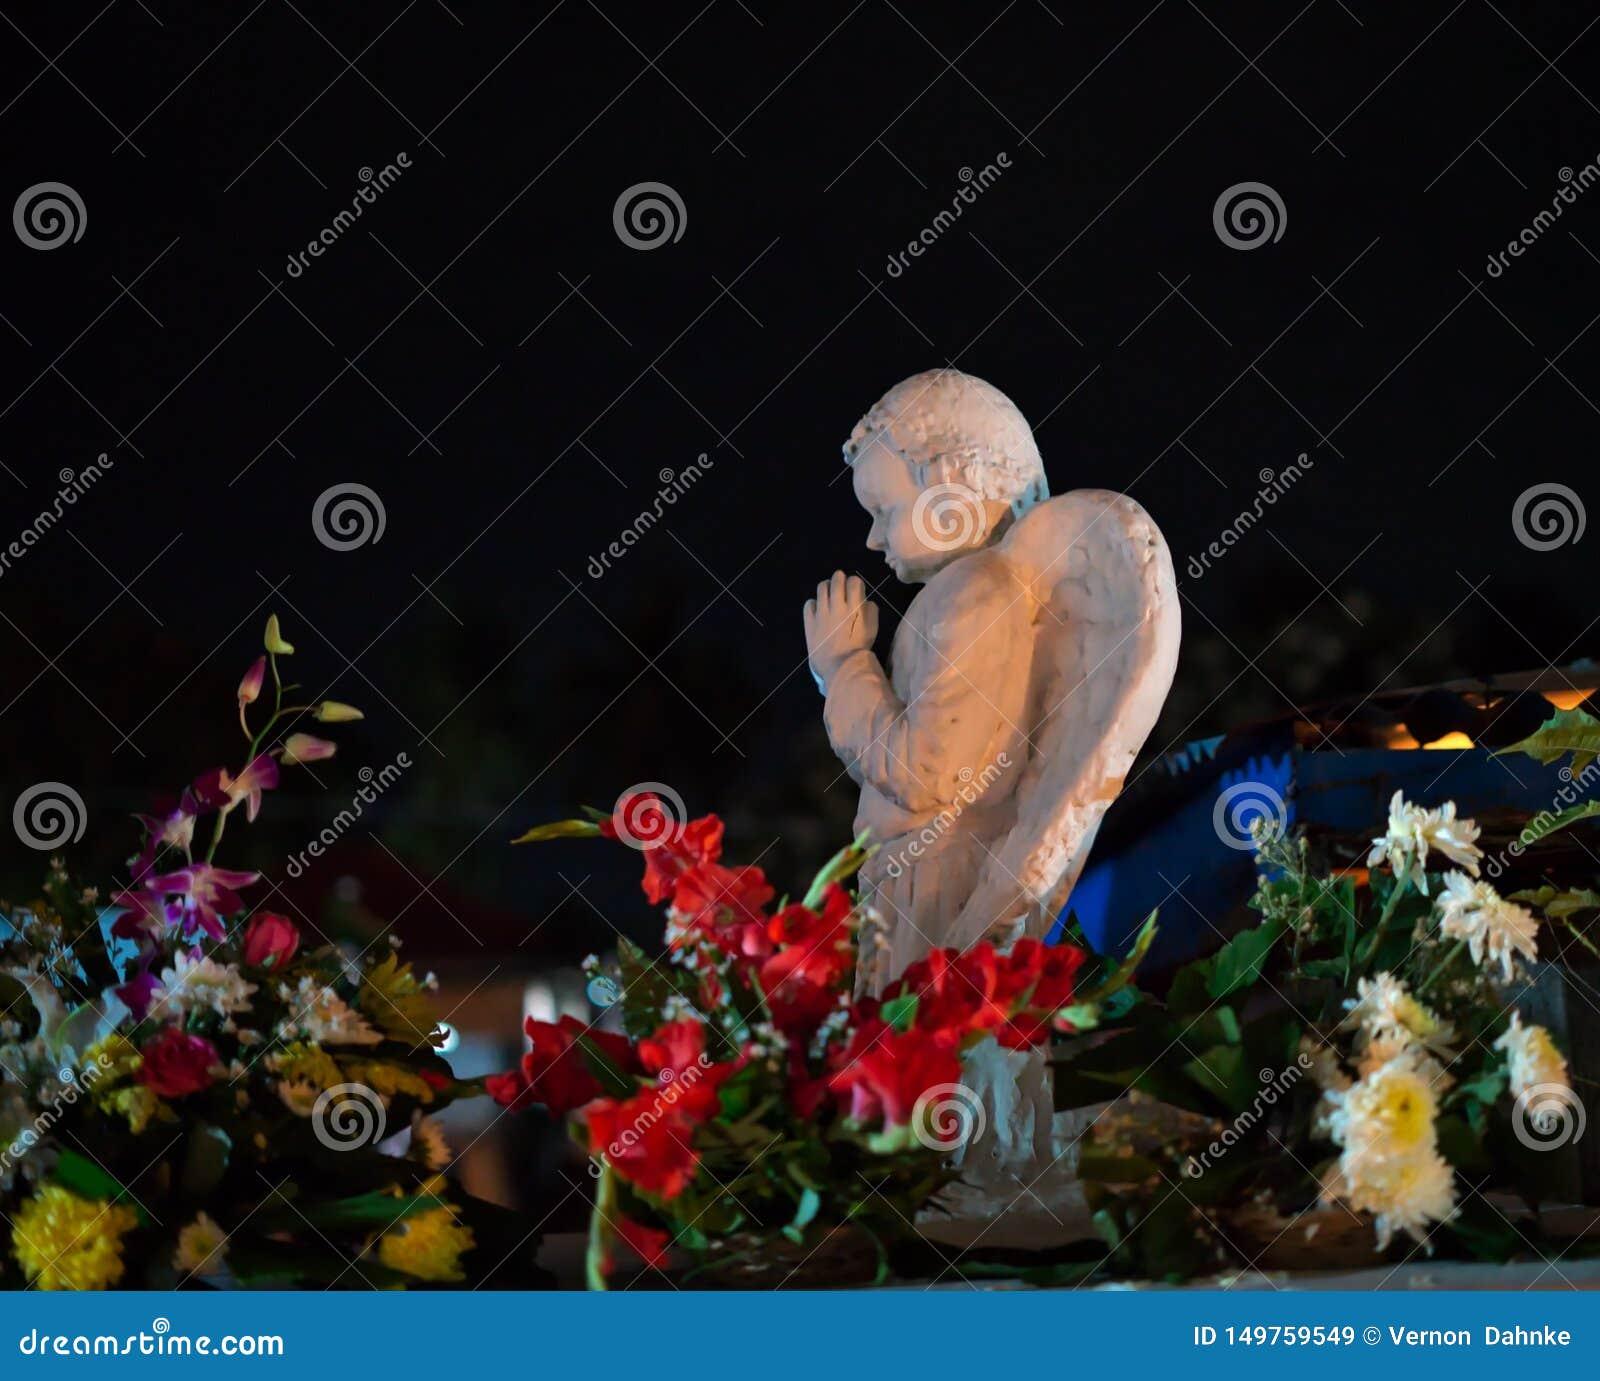 Anjo colorido da cena da noite que reza sobre um túmulo